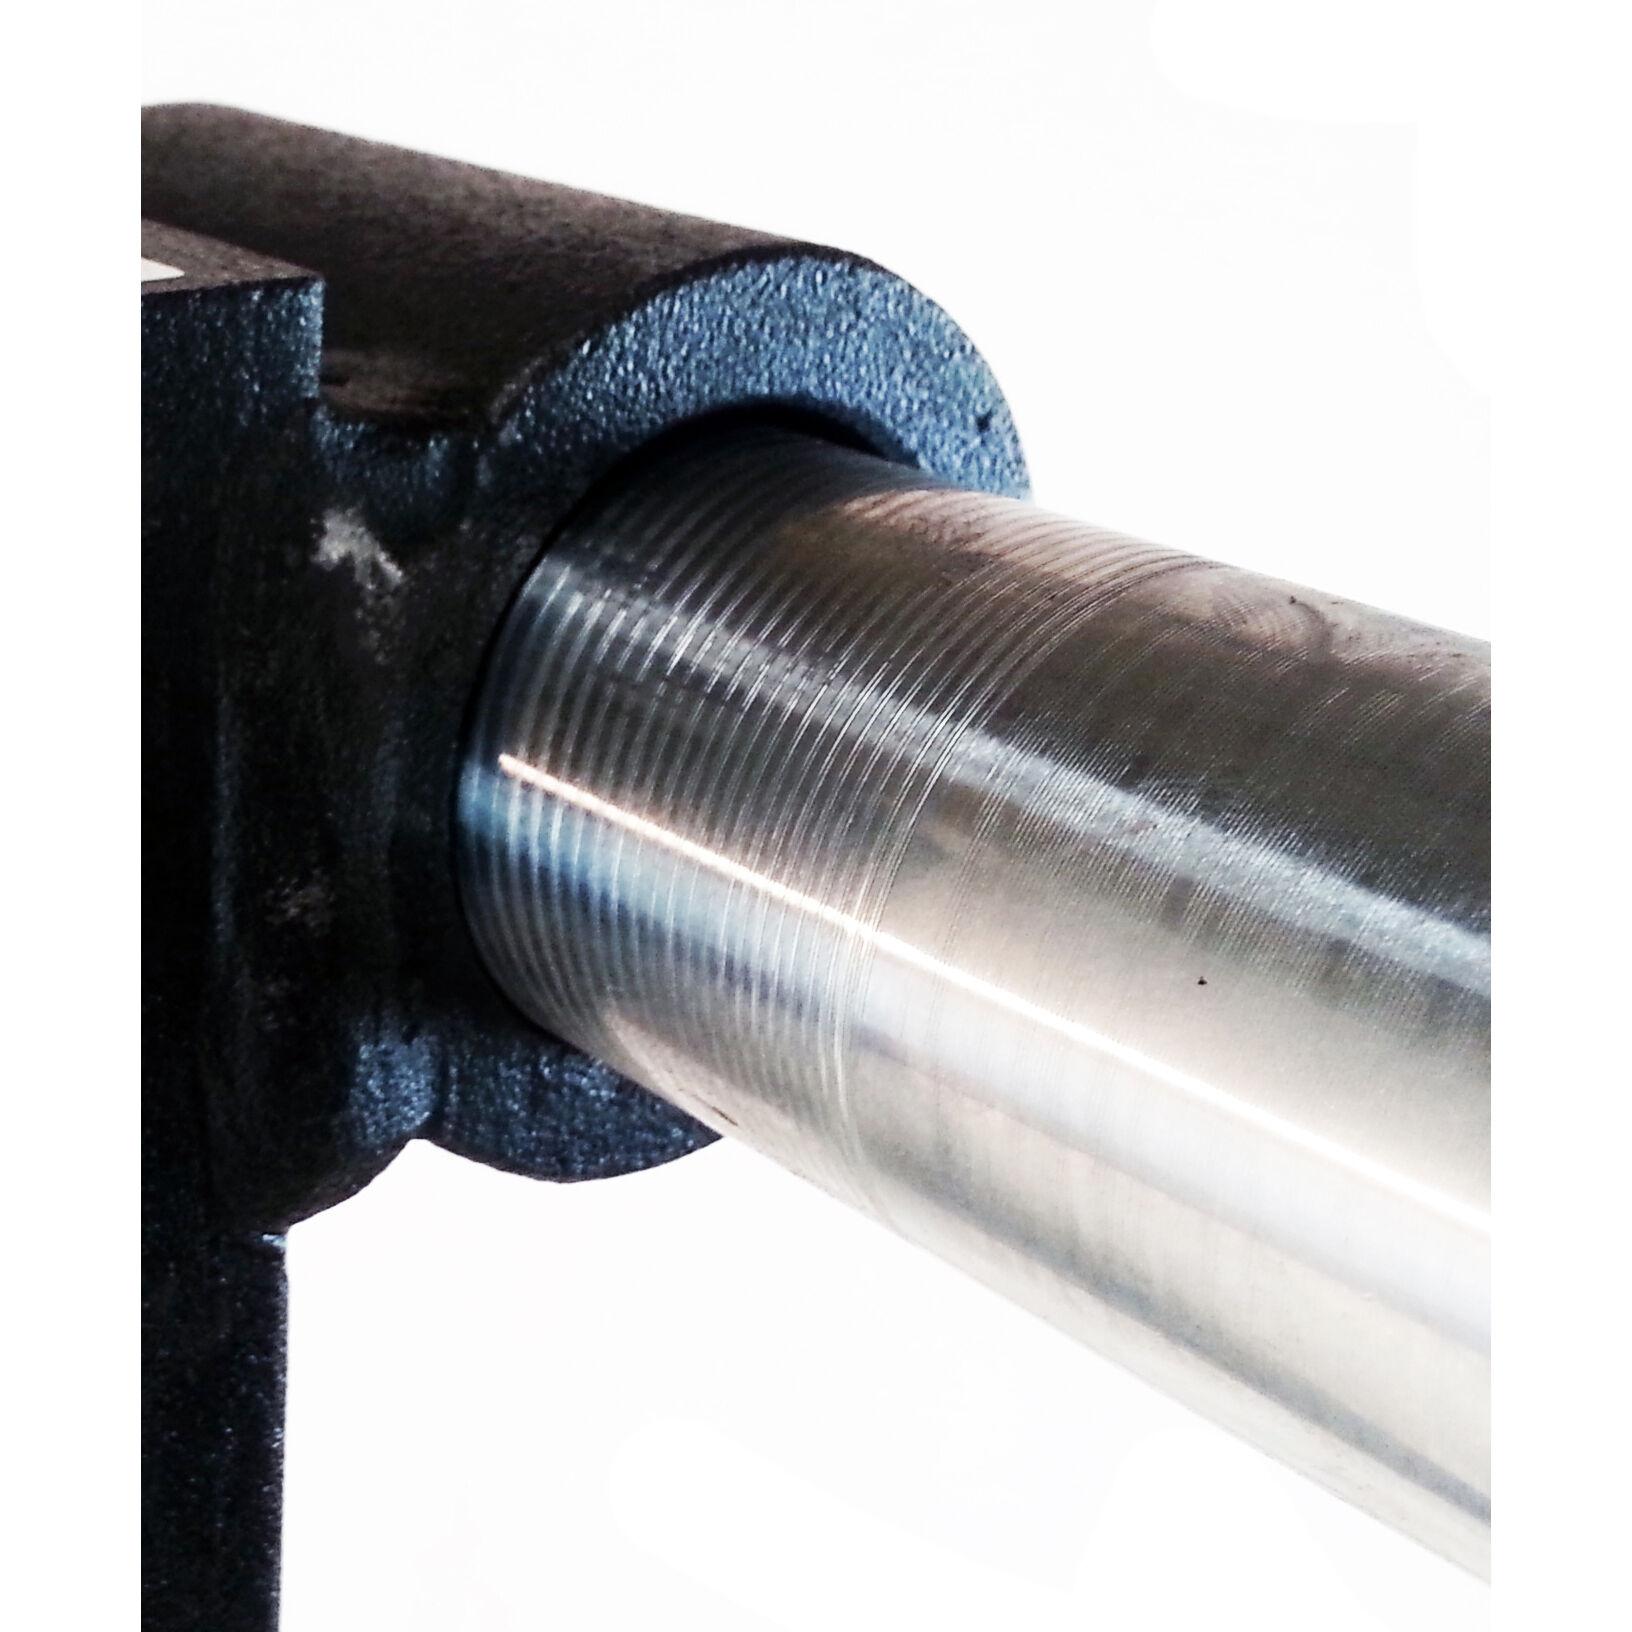 5pcs Φ15mm x 200mm ALUMINUM 6061 Round Rod D15mm Solid Lathe Bar Stock Cut Long